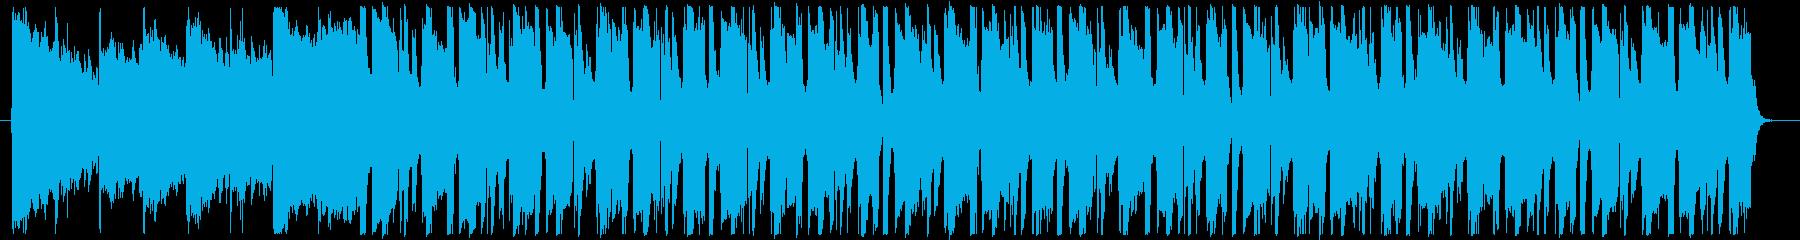 クラブ系ジャズピアノのBGMの再生済みの波形